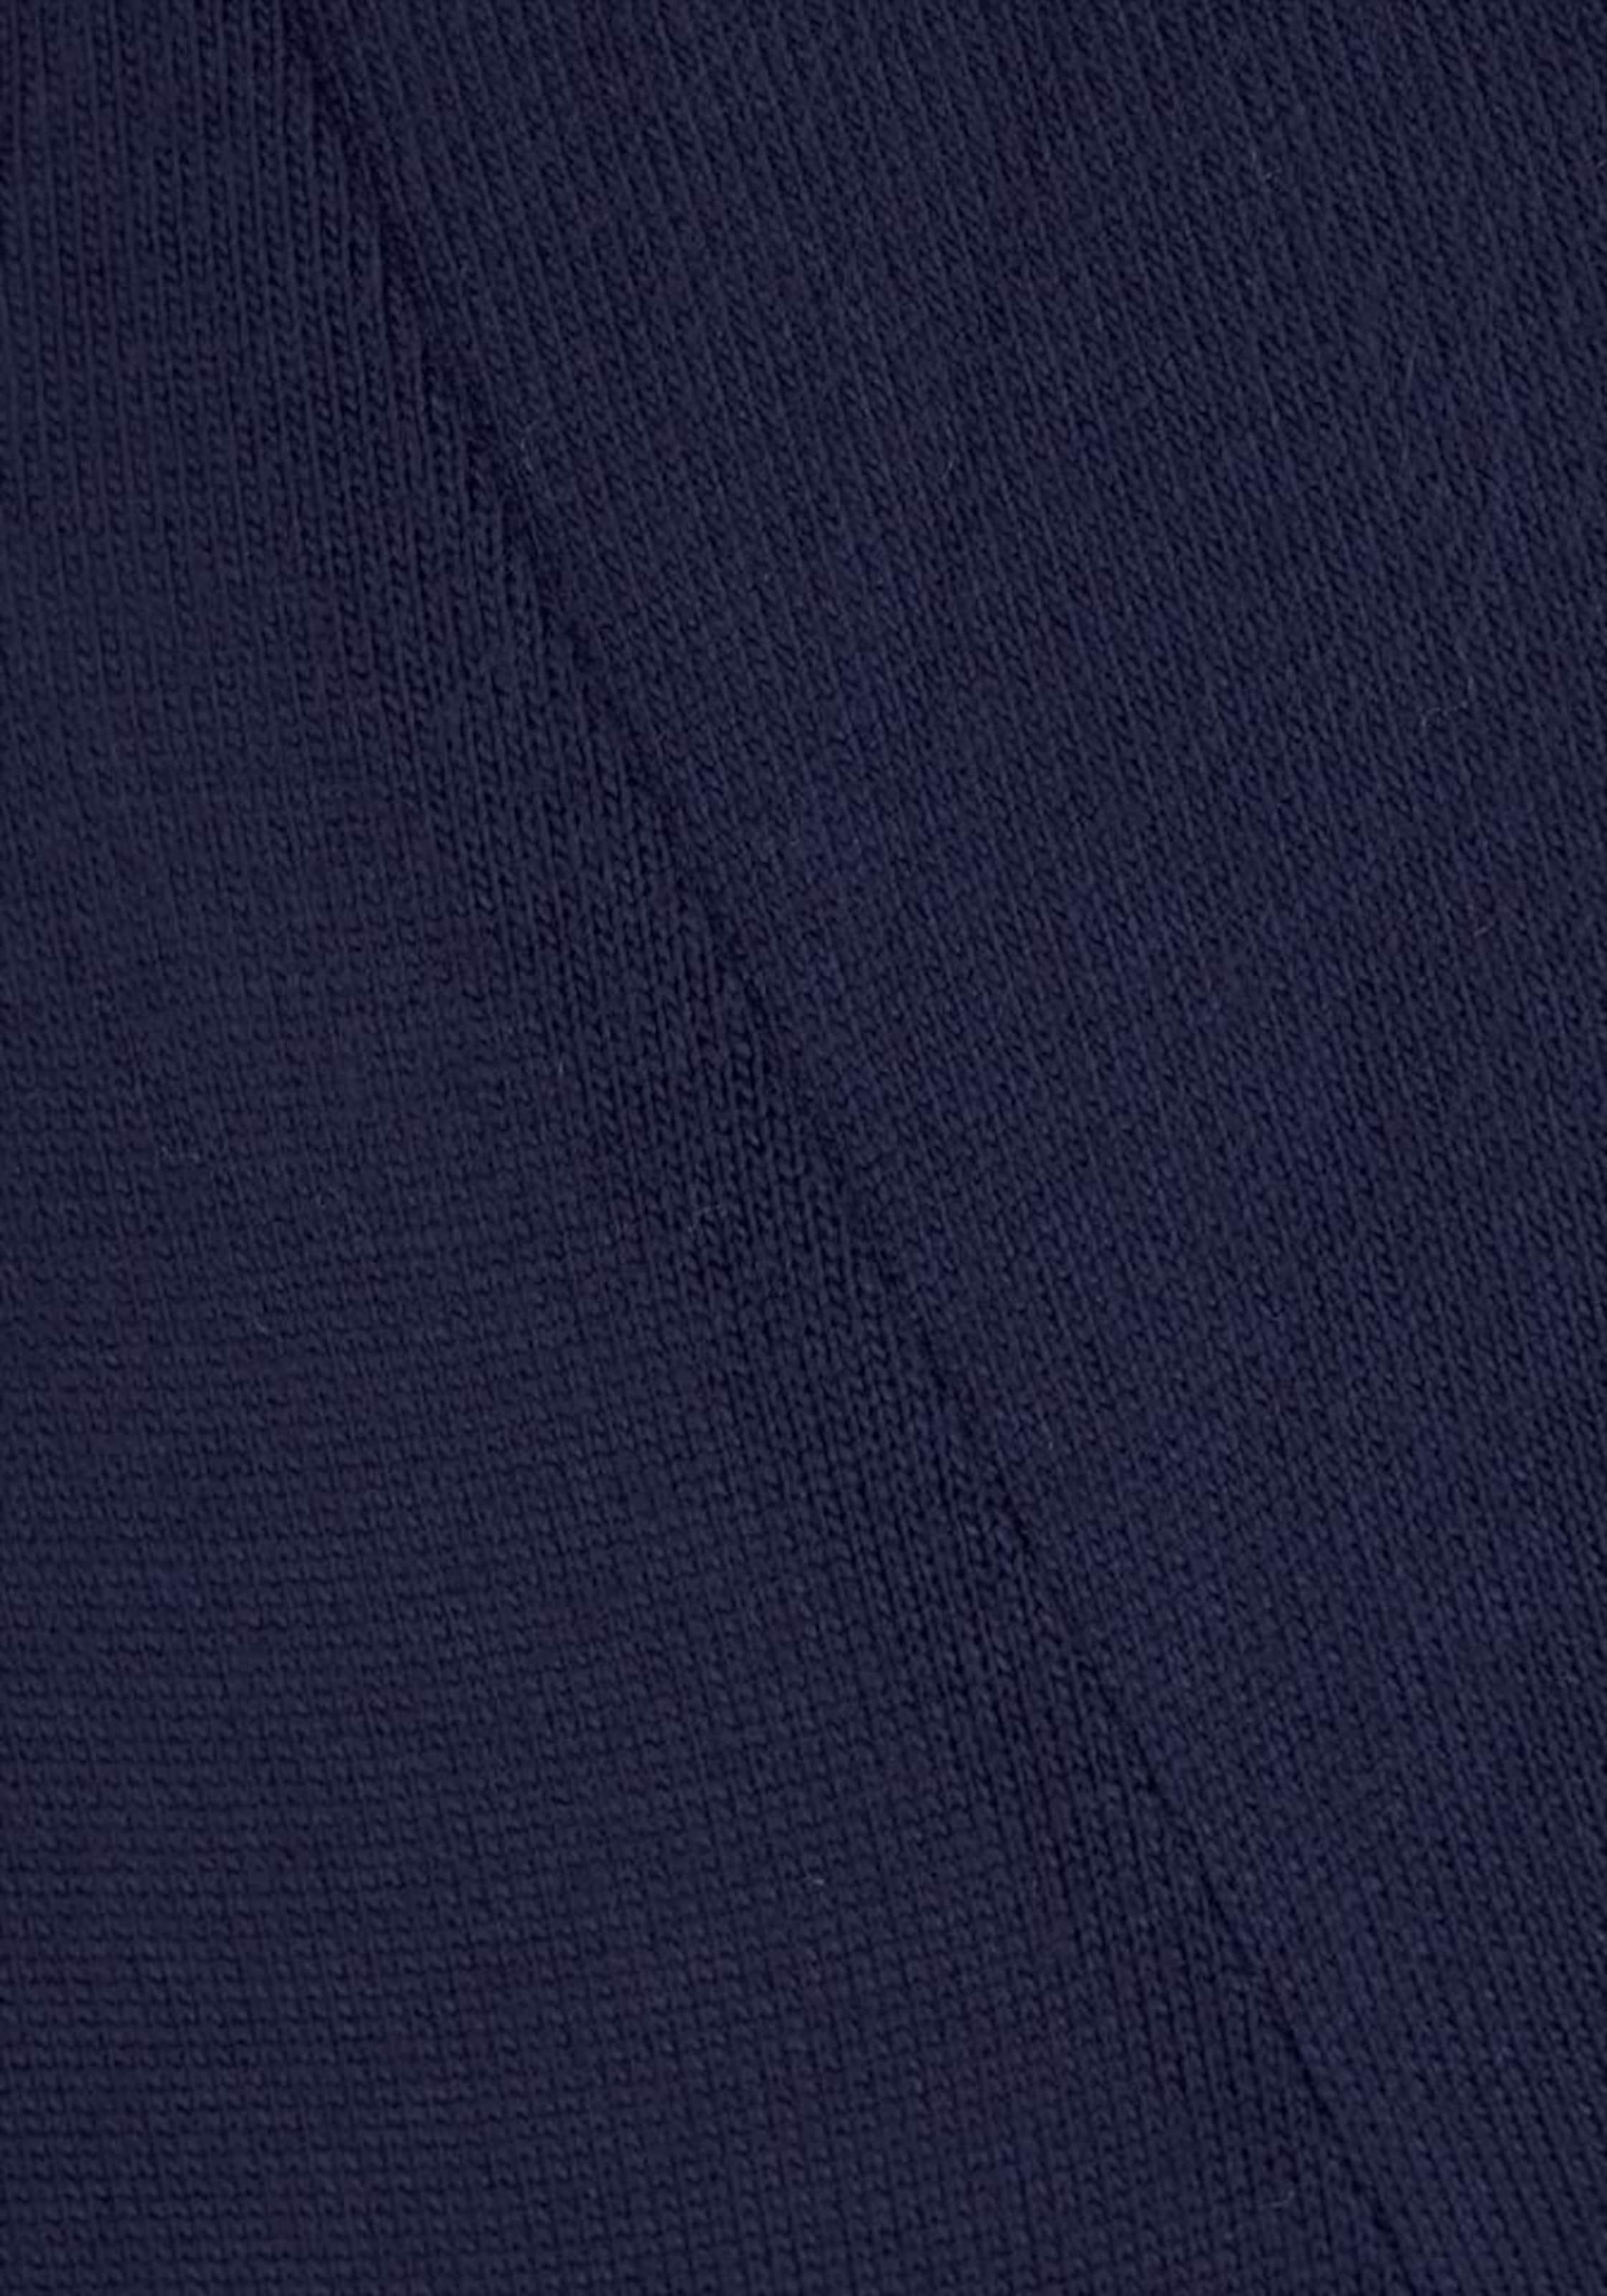 Verkauf Veröffentlichungstermine BUFFALO Strandshirt Visa-Zahlung Günstiger Preis Gute Qualität SBk0N26D9